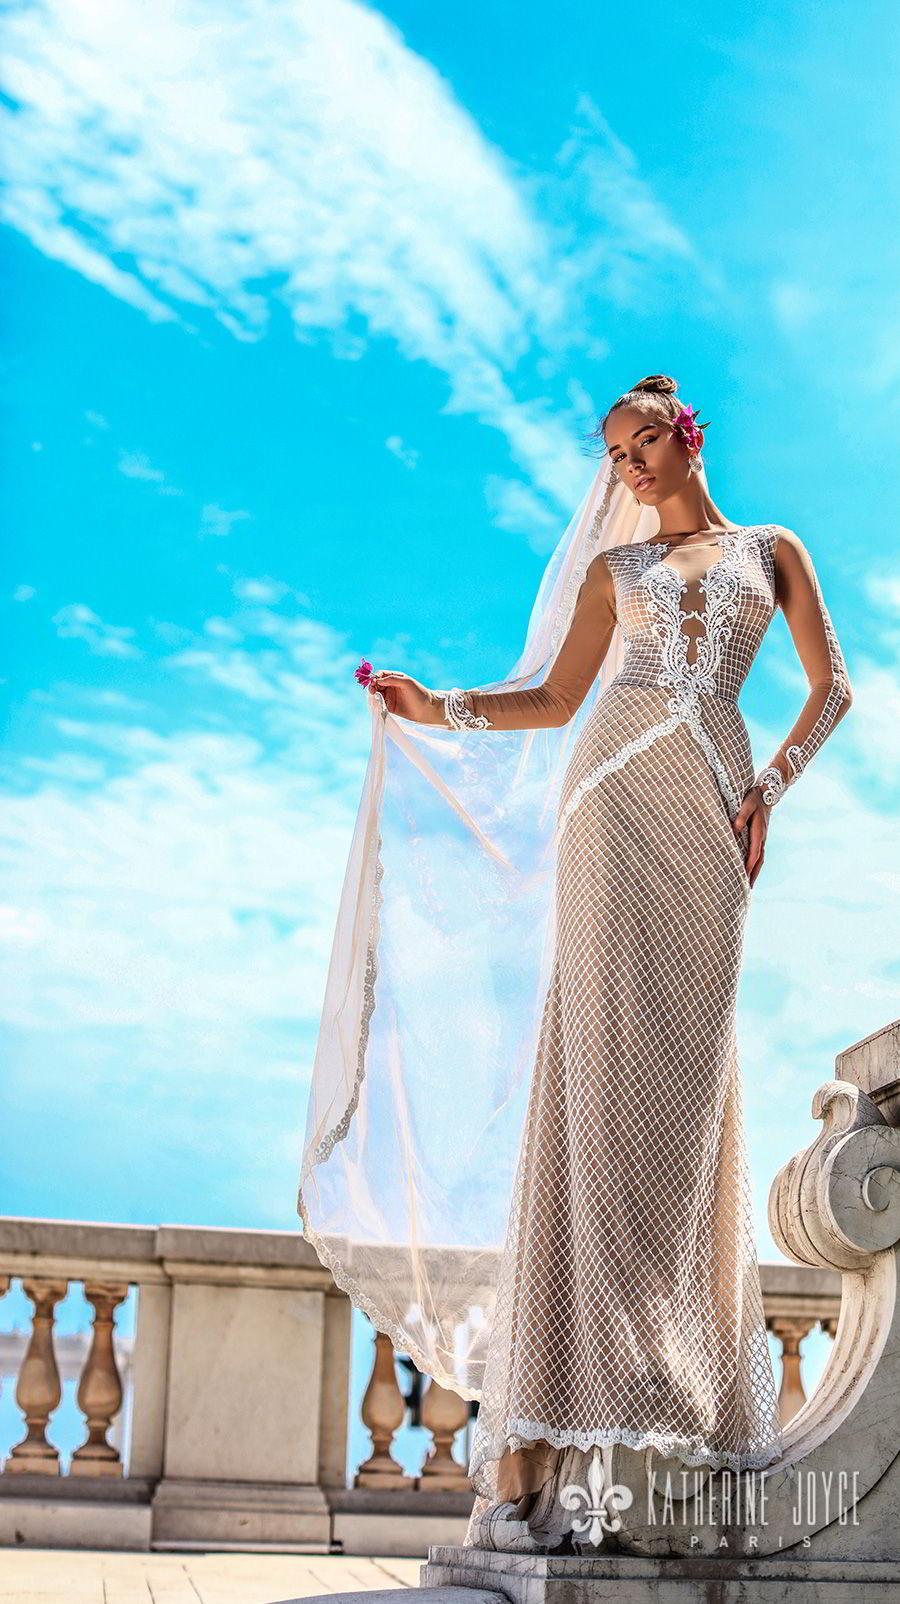 katherine joyce 2018 bridal long sleeves illusion boat deep plunging v neck full embellishment elegant fit and flare wedding dress sheer lace back sweep train (vidia) mv